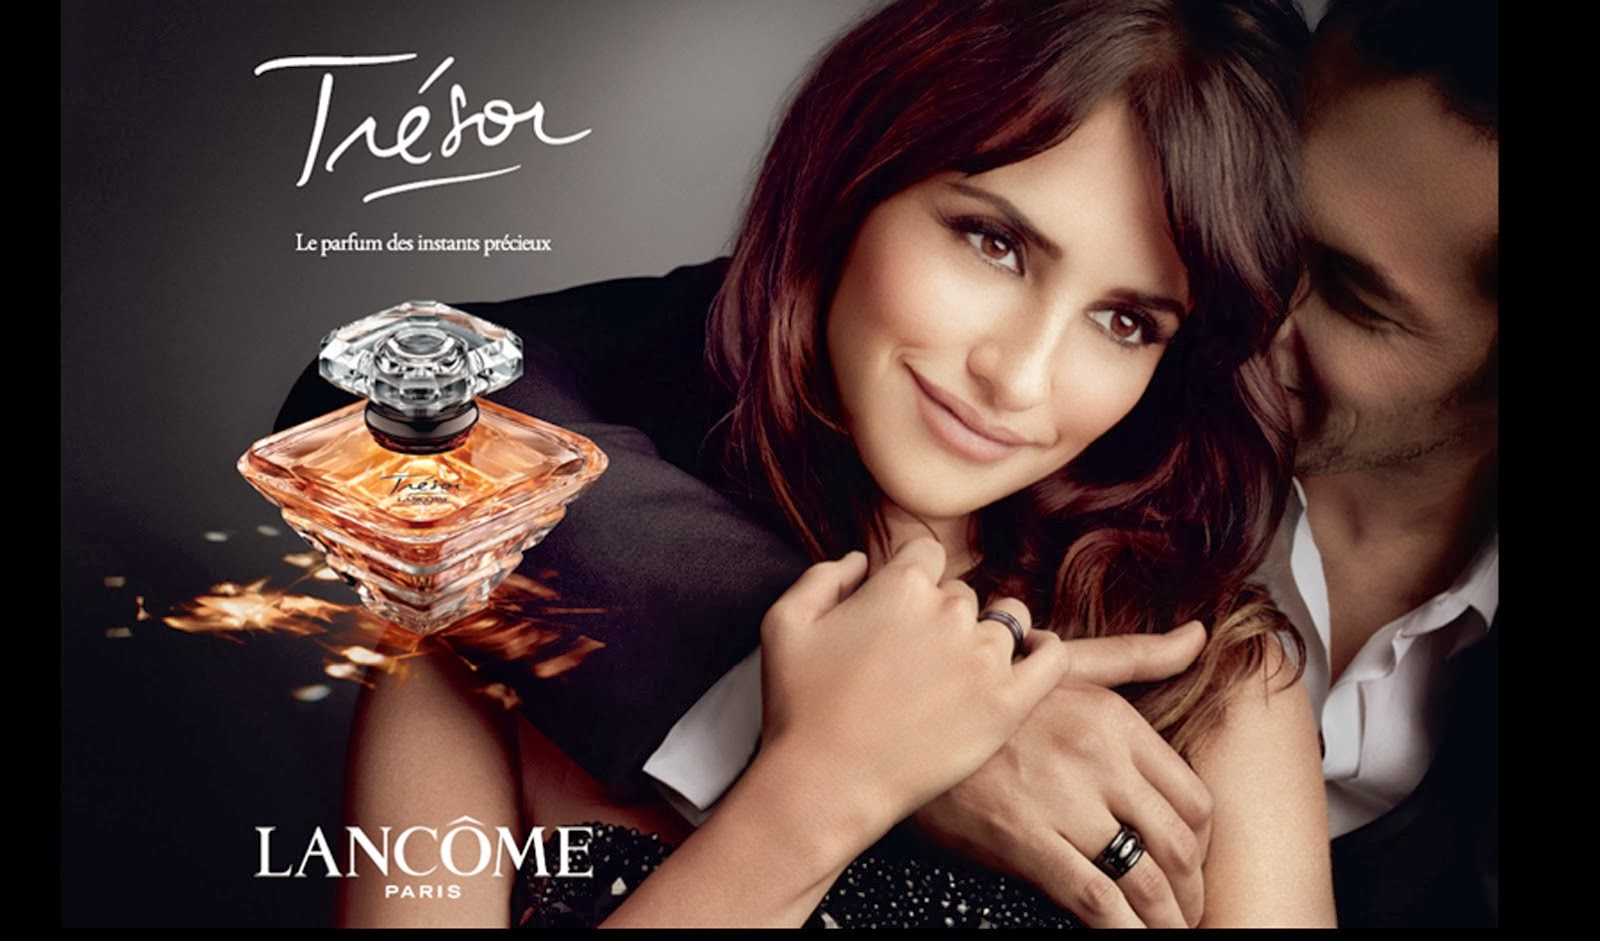 Új illattal gazdagodik a Trésor parfüm család - parfum-2, beauty-szepsegapolas -